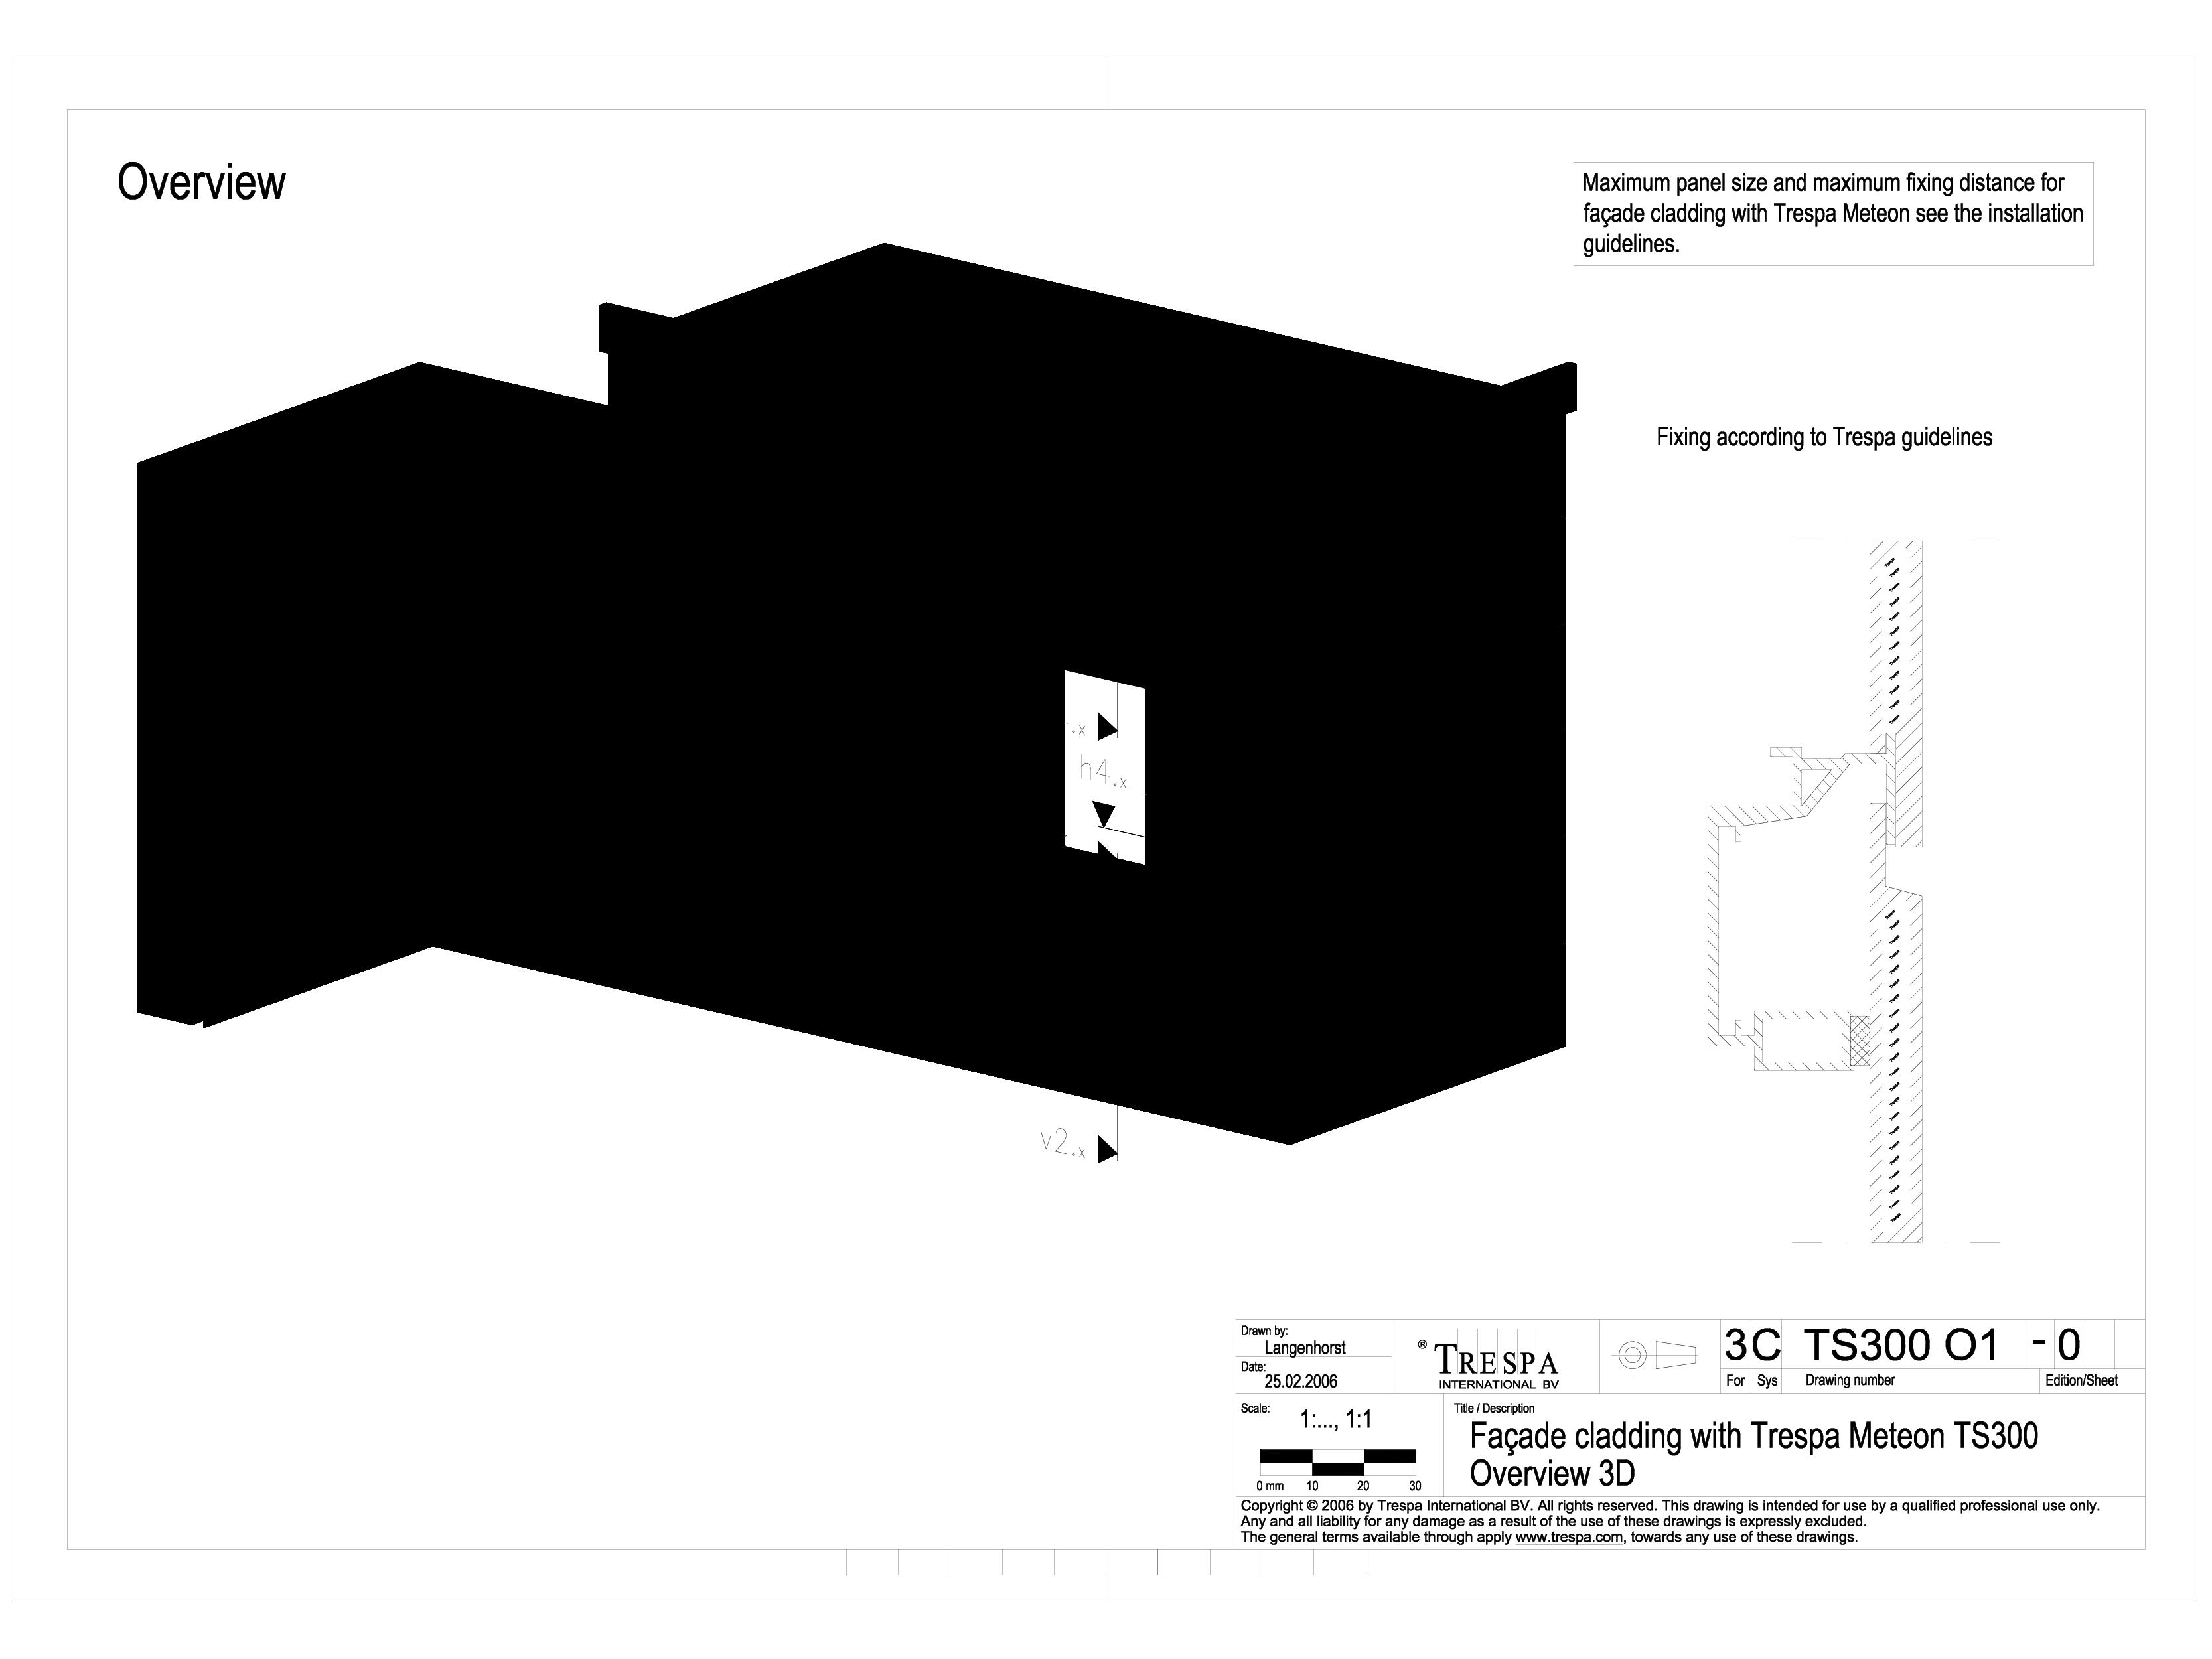 Sisteme de prindere fatade ventilate cu profile oarbe, detaliu 3D METEON TRESPA Placi HPL pentru fatade ventilate GIBB TECHNOLOGIES  - Pagina 1